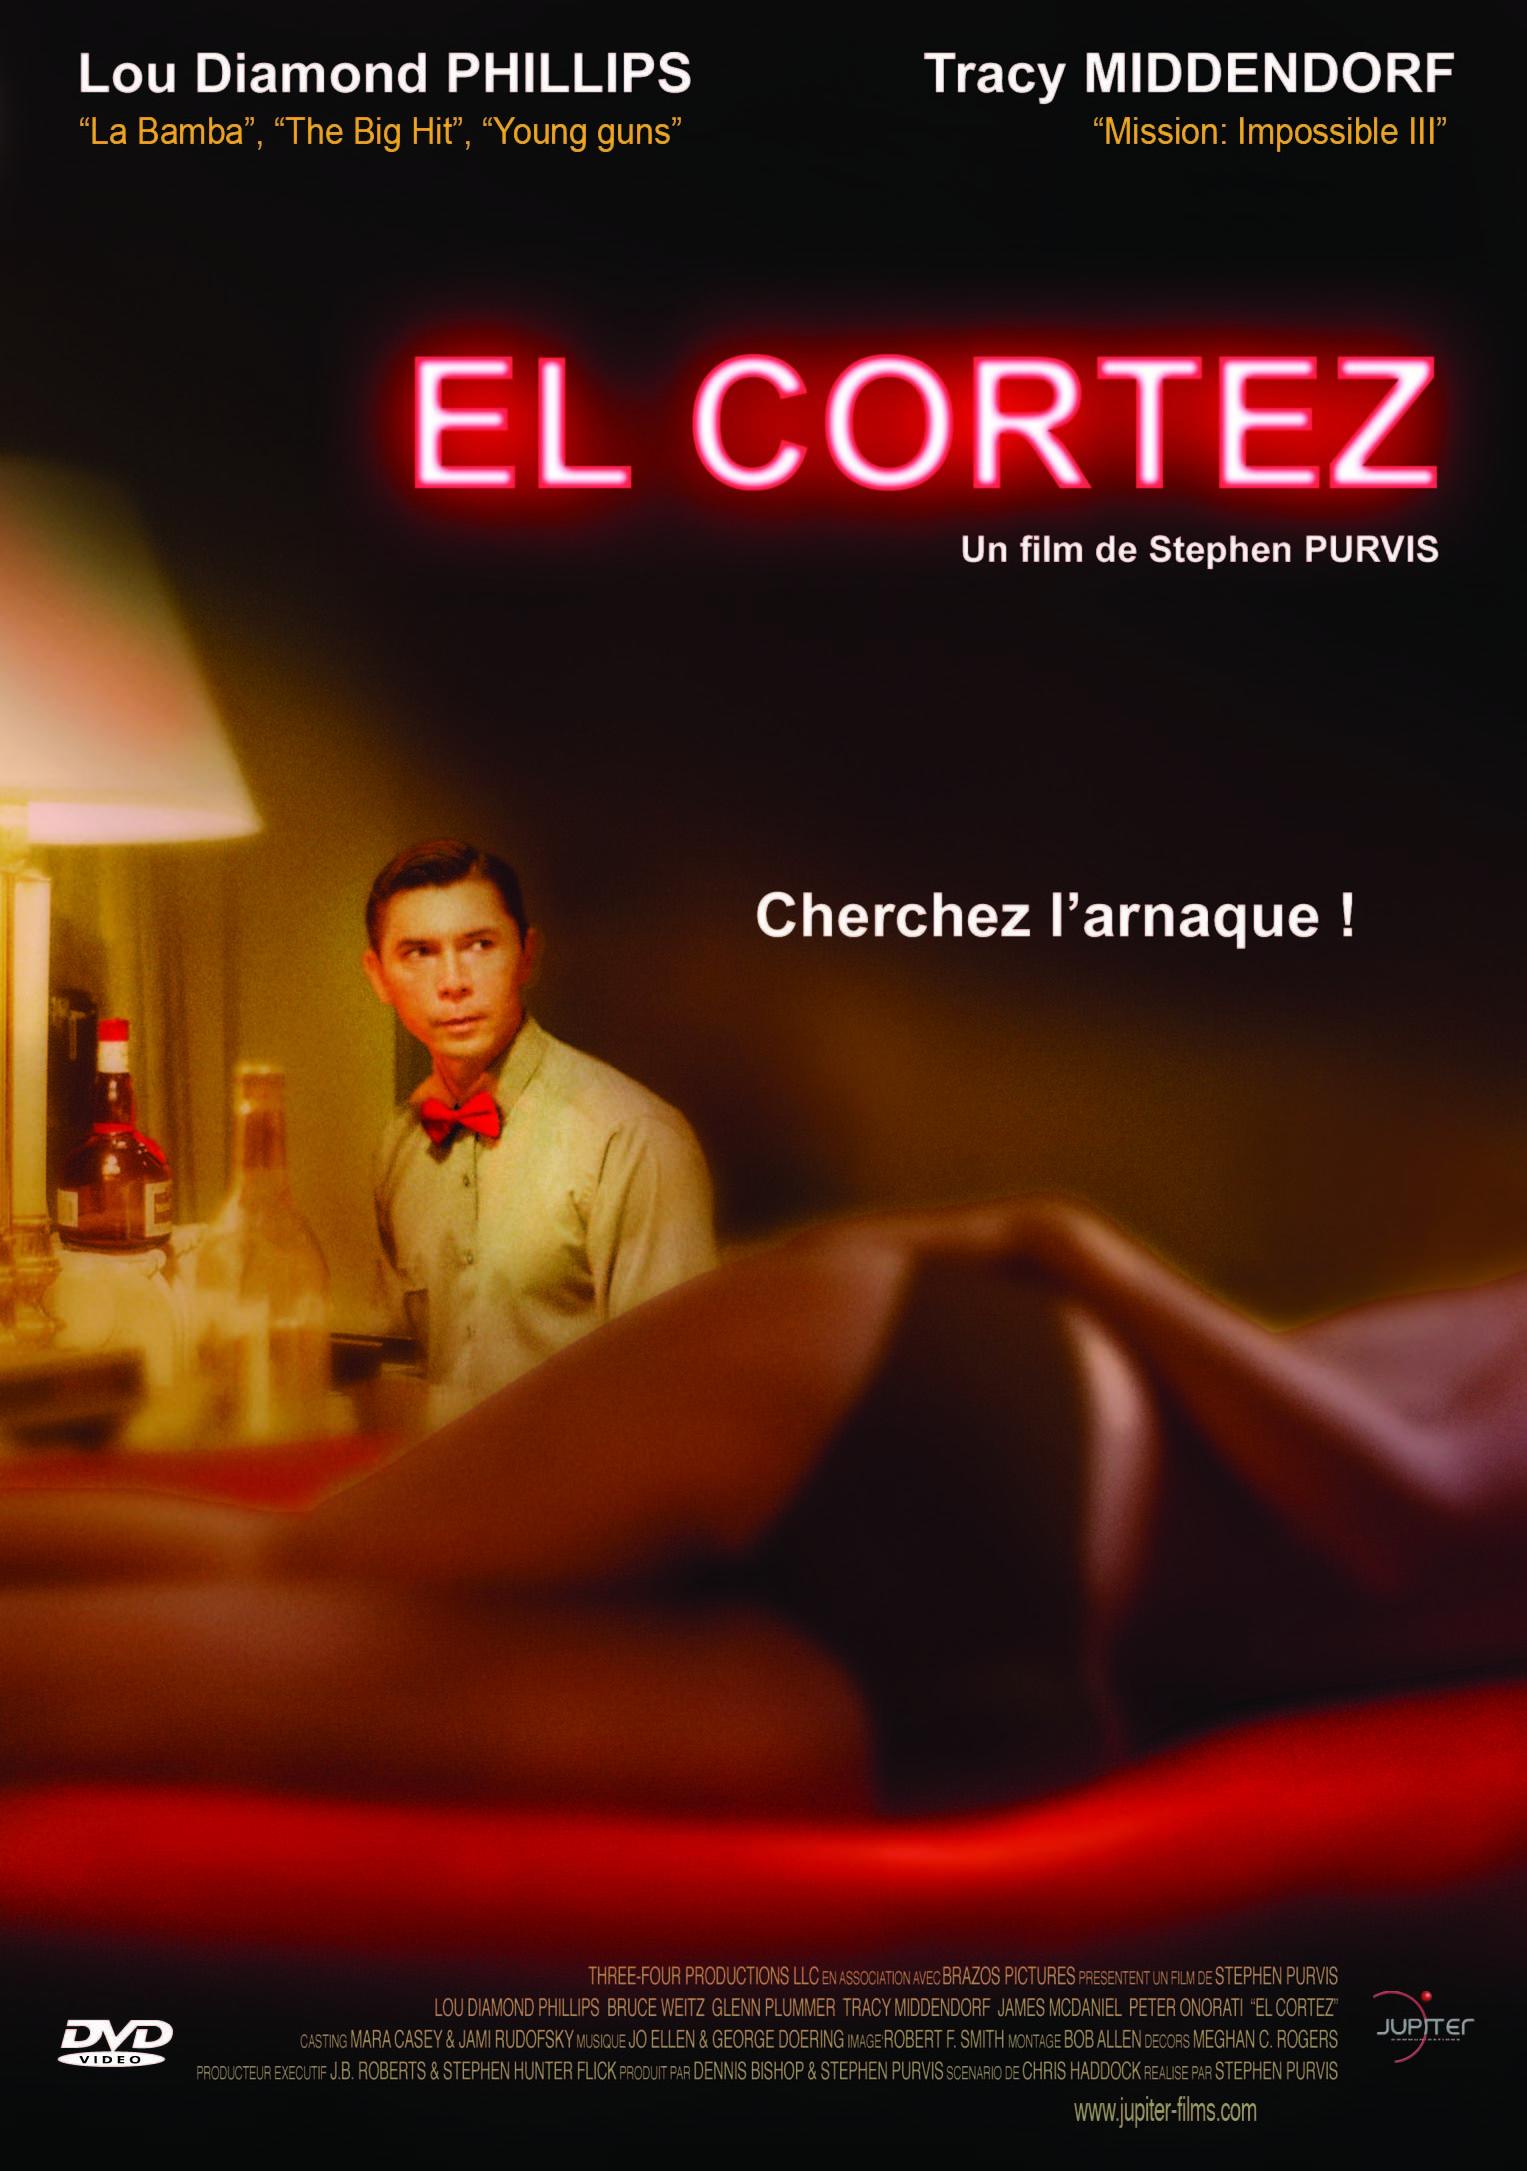 EL CORTEZ - DVD